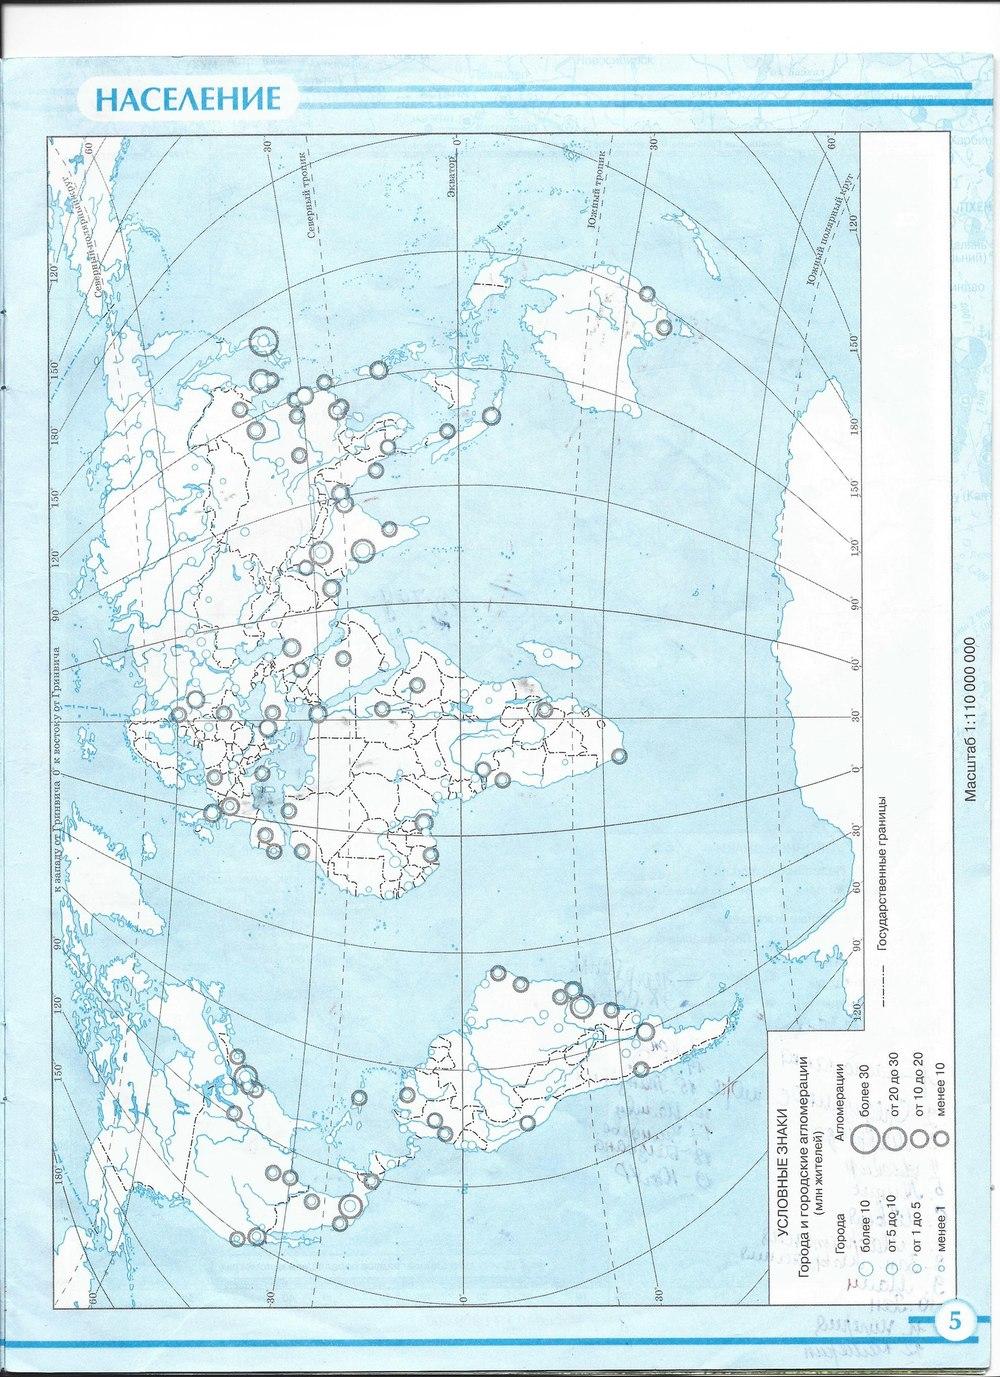 Гдз контурные карты по географии 5 класс дик и дрофа